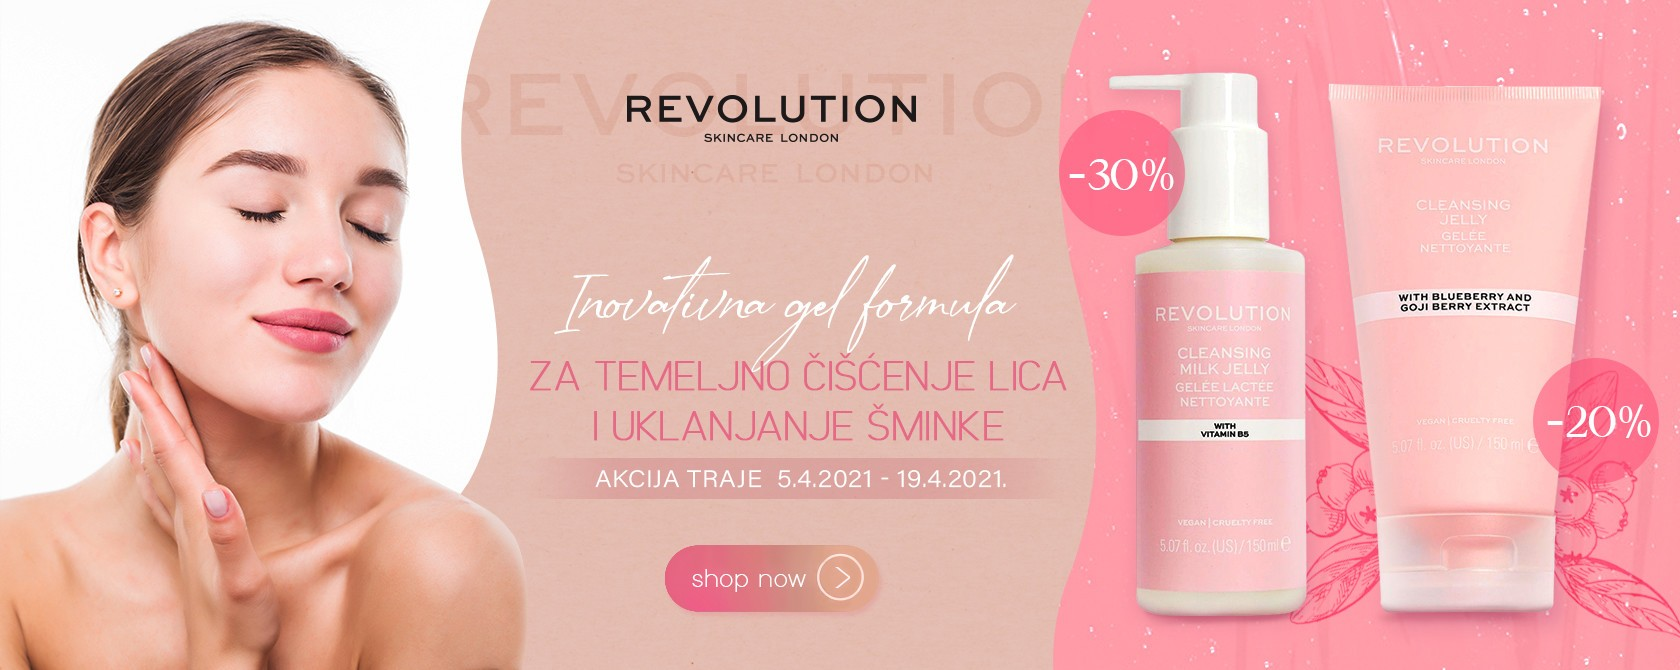 Revolution skincare proizvodi